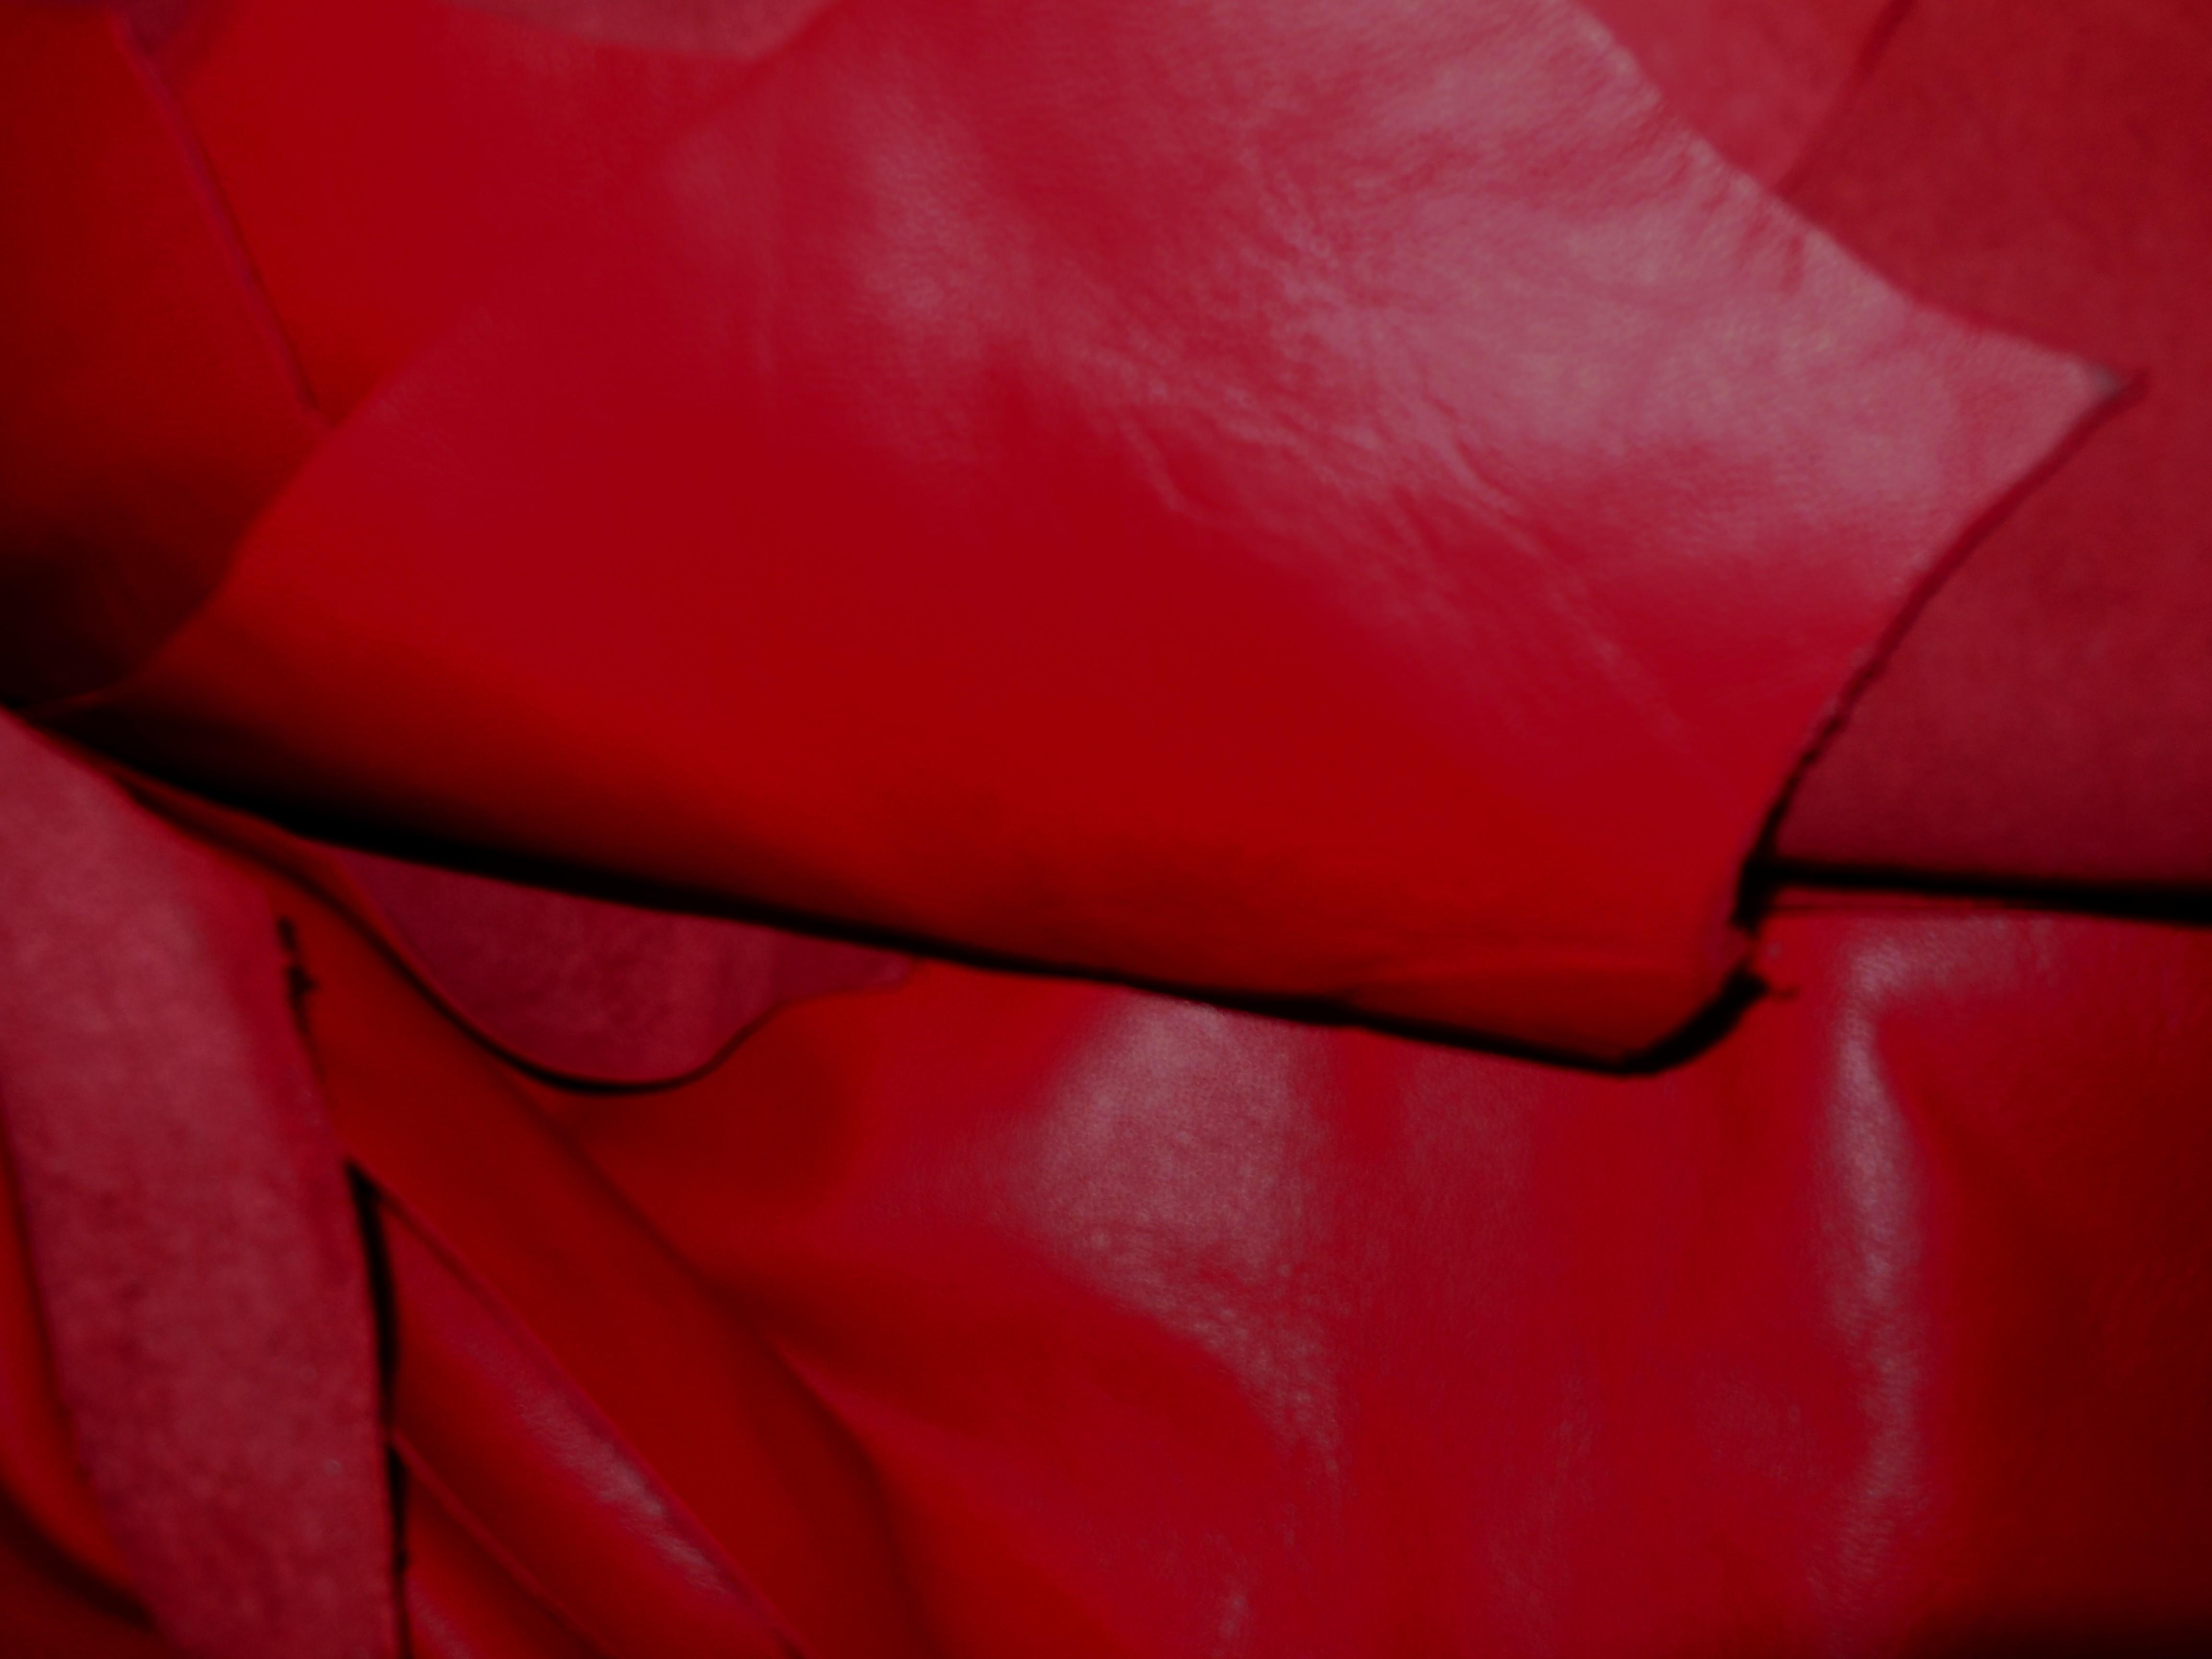 Sukienka ze skóry naturalnej czerwona - Spódnica ze skóry naturalnej czerwona -Ekskluzywna włoska skóra naturalna w kolorze pięknej czerwieni na spodnice, sukienki, żakiety , kurtki i inne.